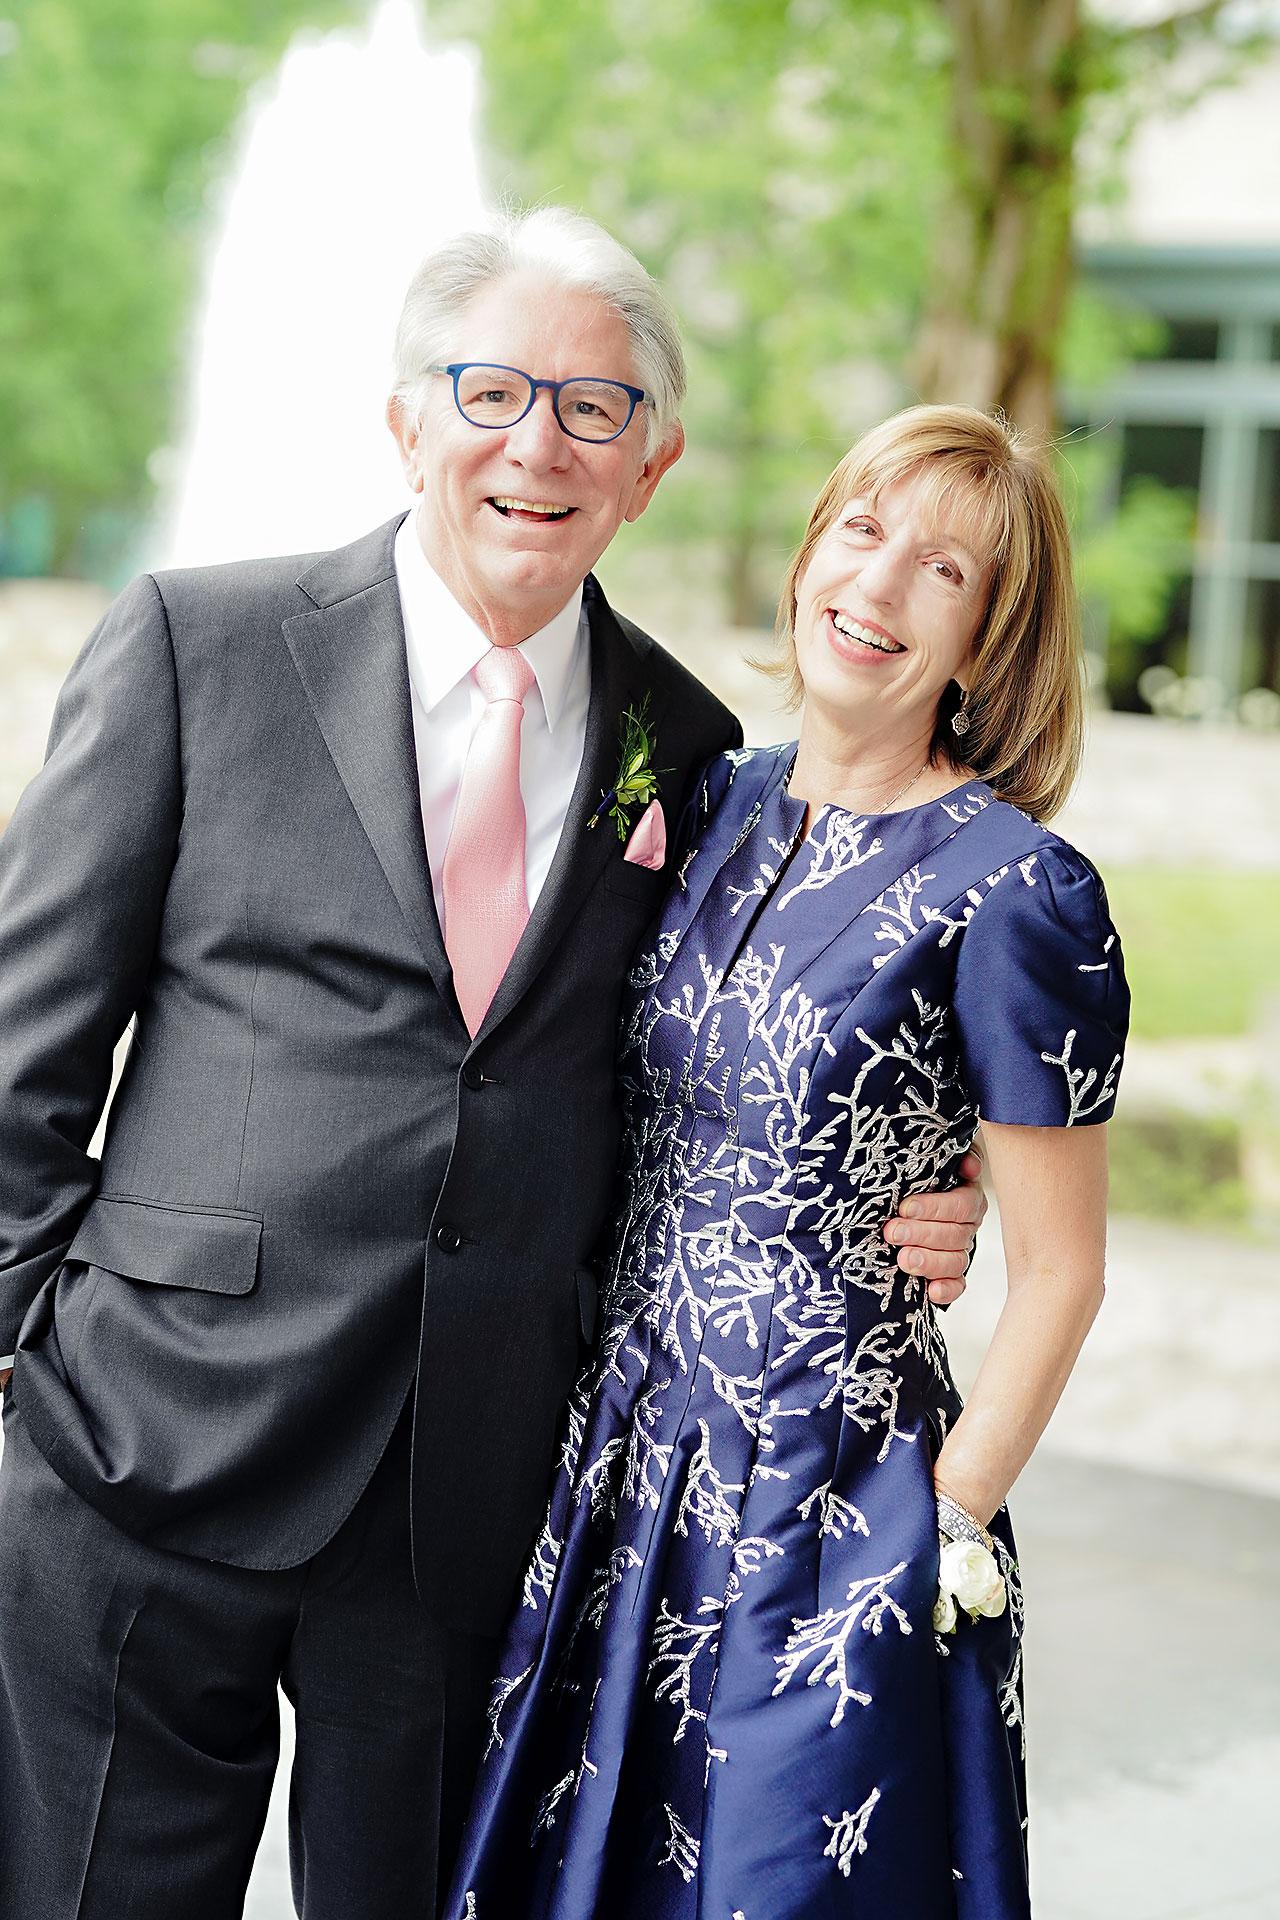 Lauren Andy Newfields Indianapolis Museum of Art Wedding 130